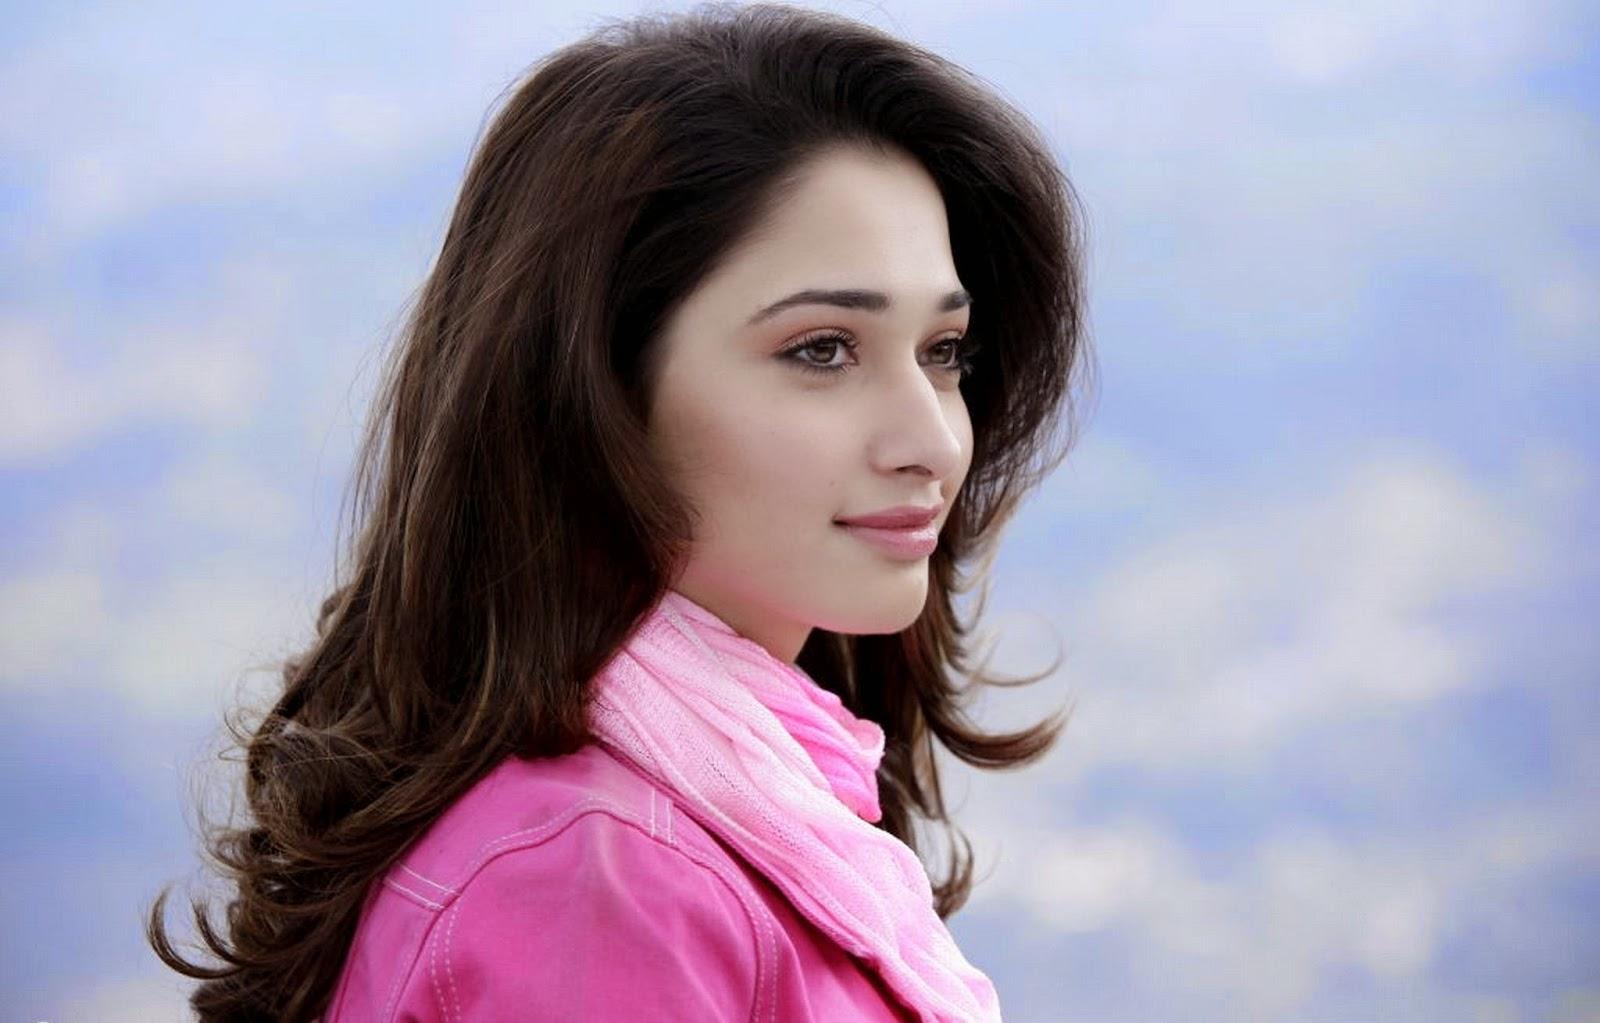 Tamanna Latest: Bollywood Actress And Tamil Actress Tamanna Bhatia